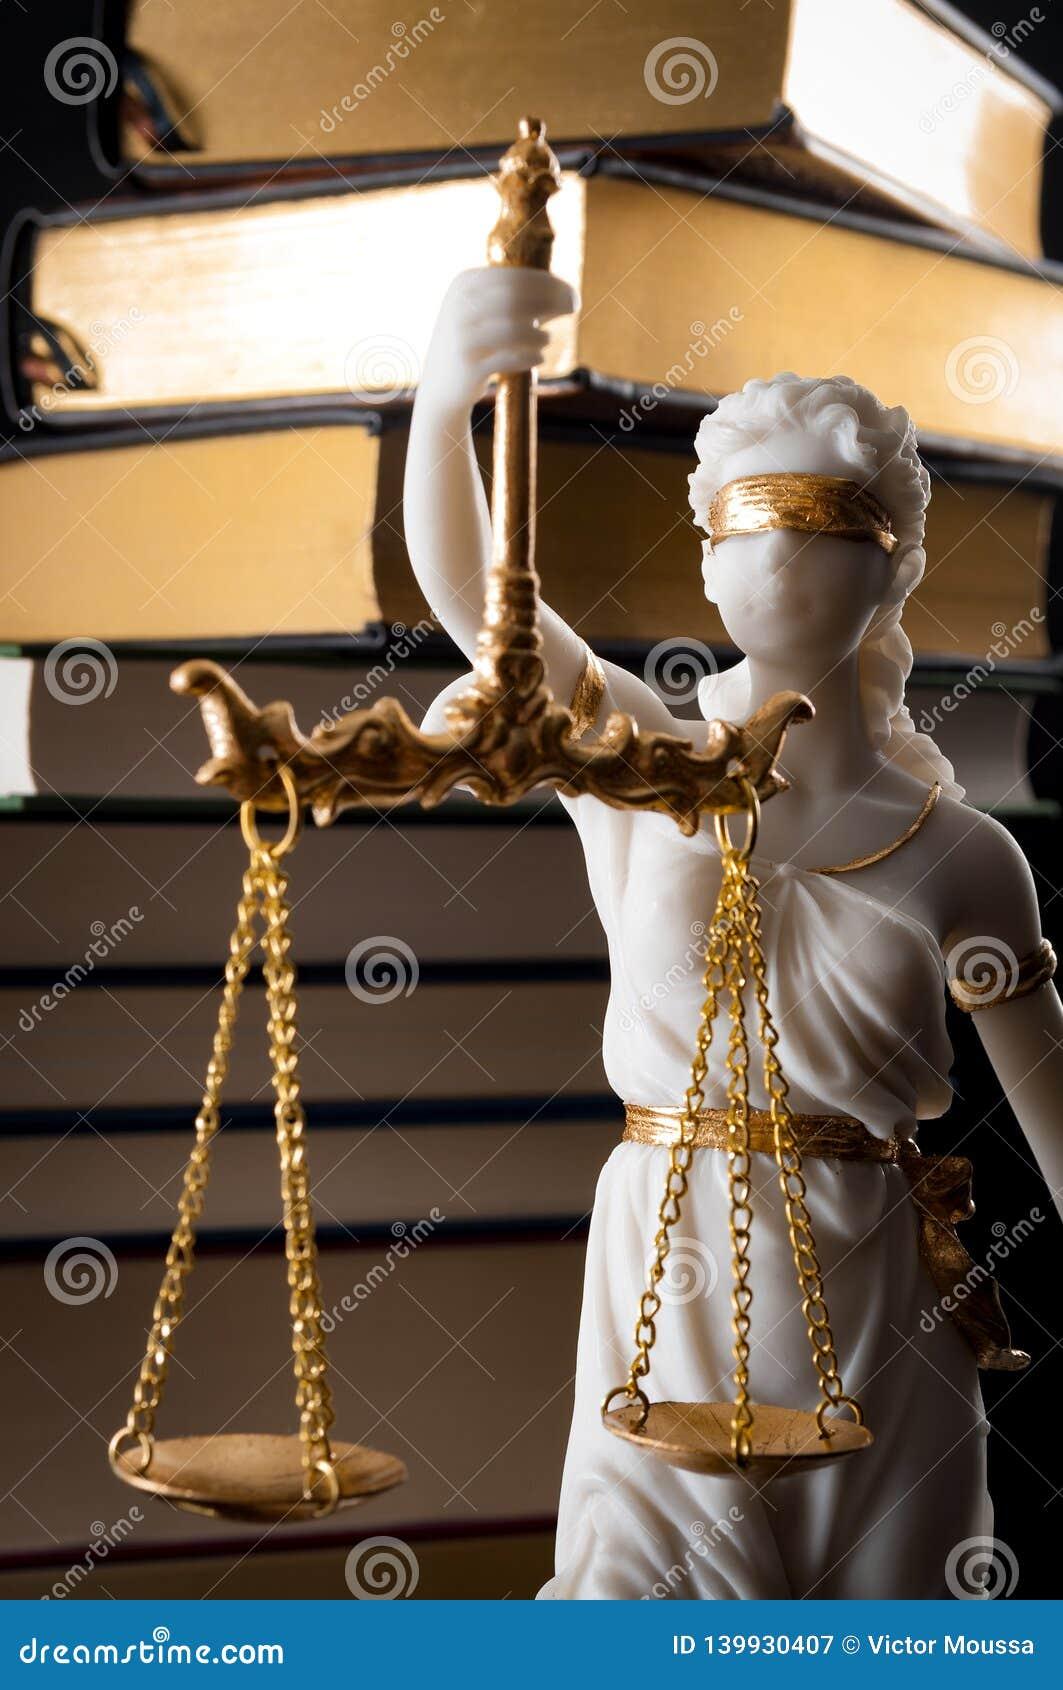 Gesetzbuch, Durchführung des Gesetzes und blindes Iustitia-Konzept mit Statue des Damengerechtigkeit Grabens mit verbundenen Auge